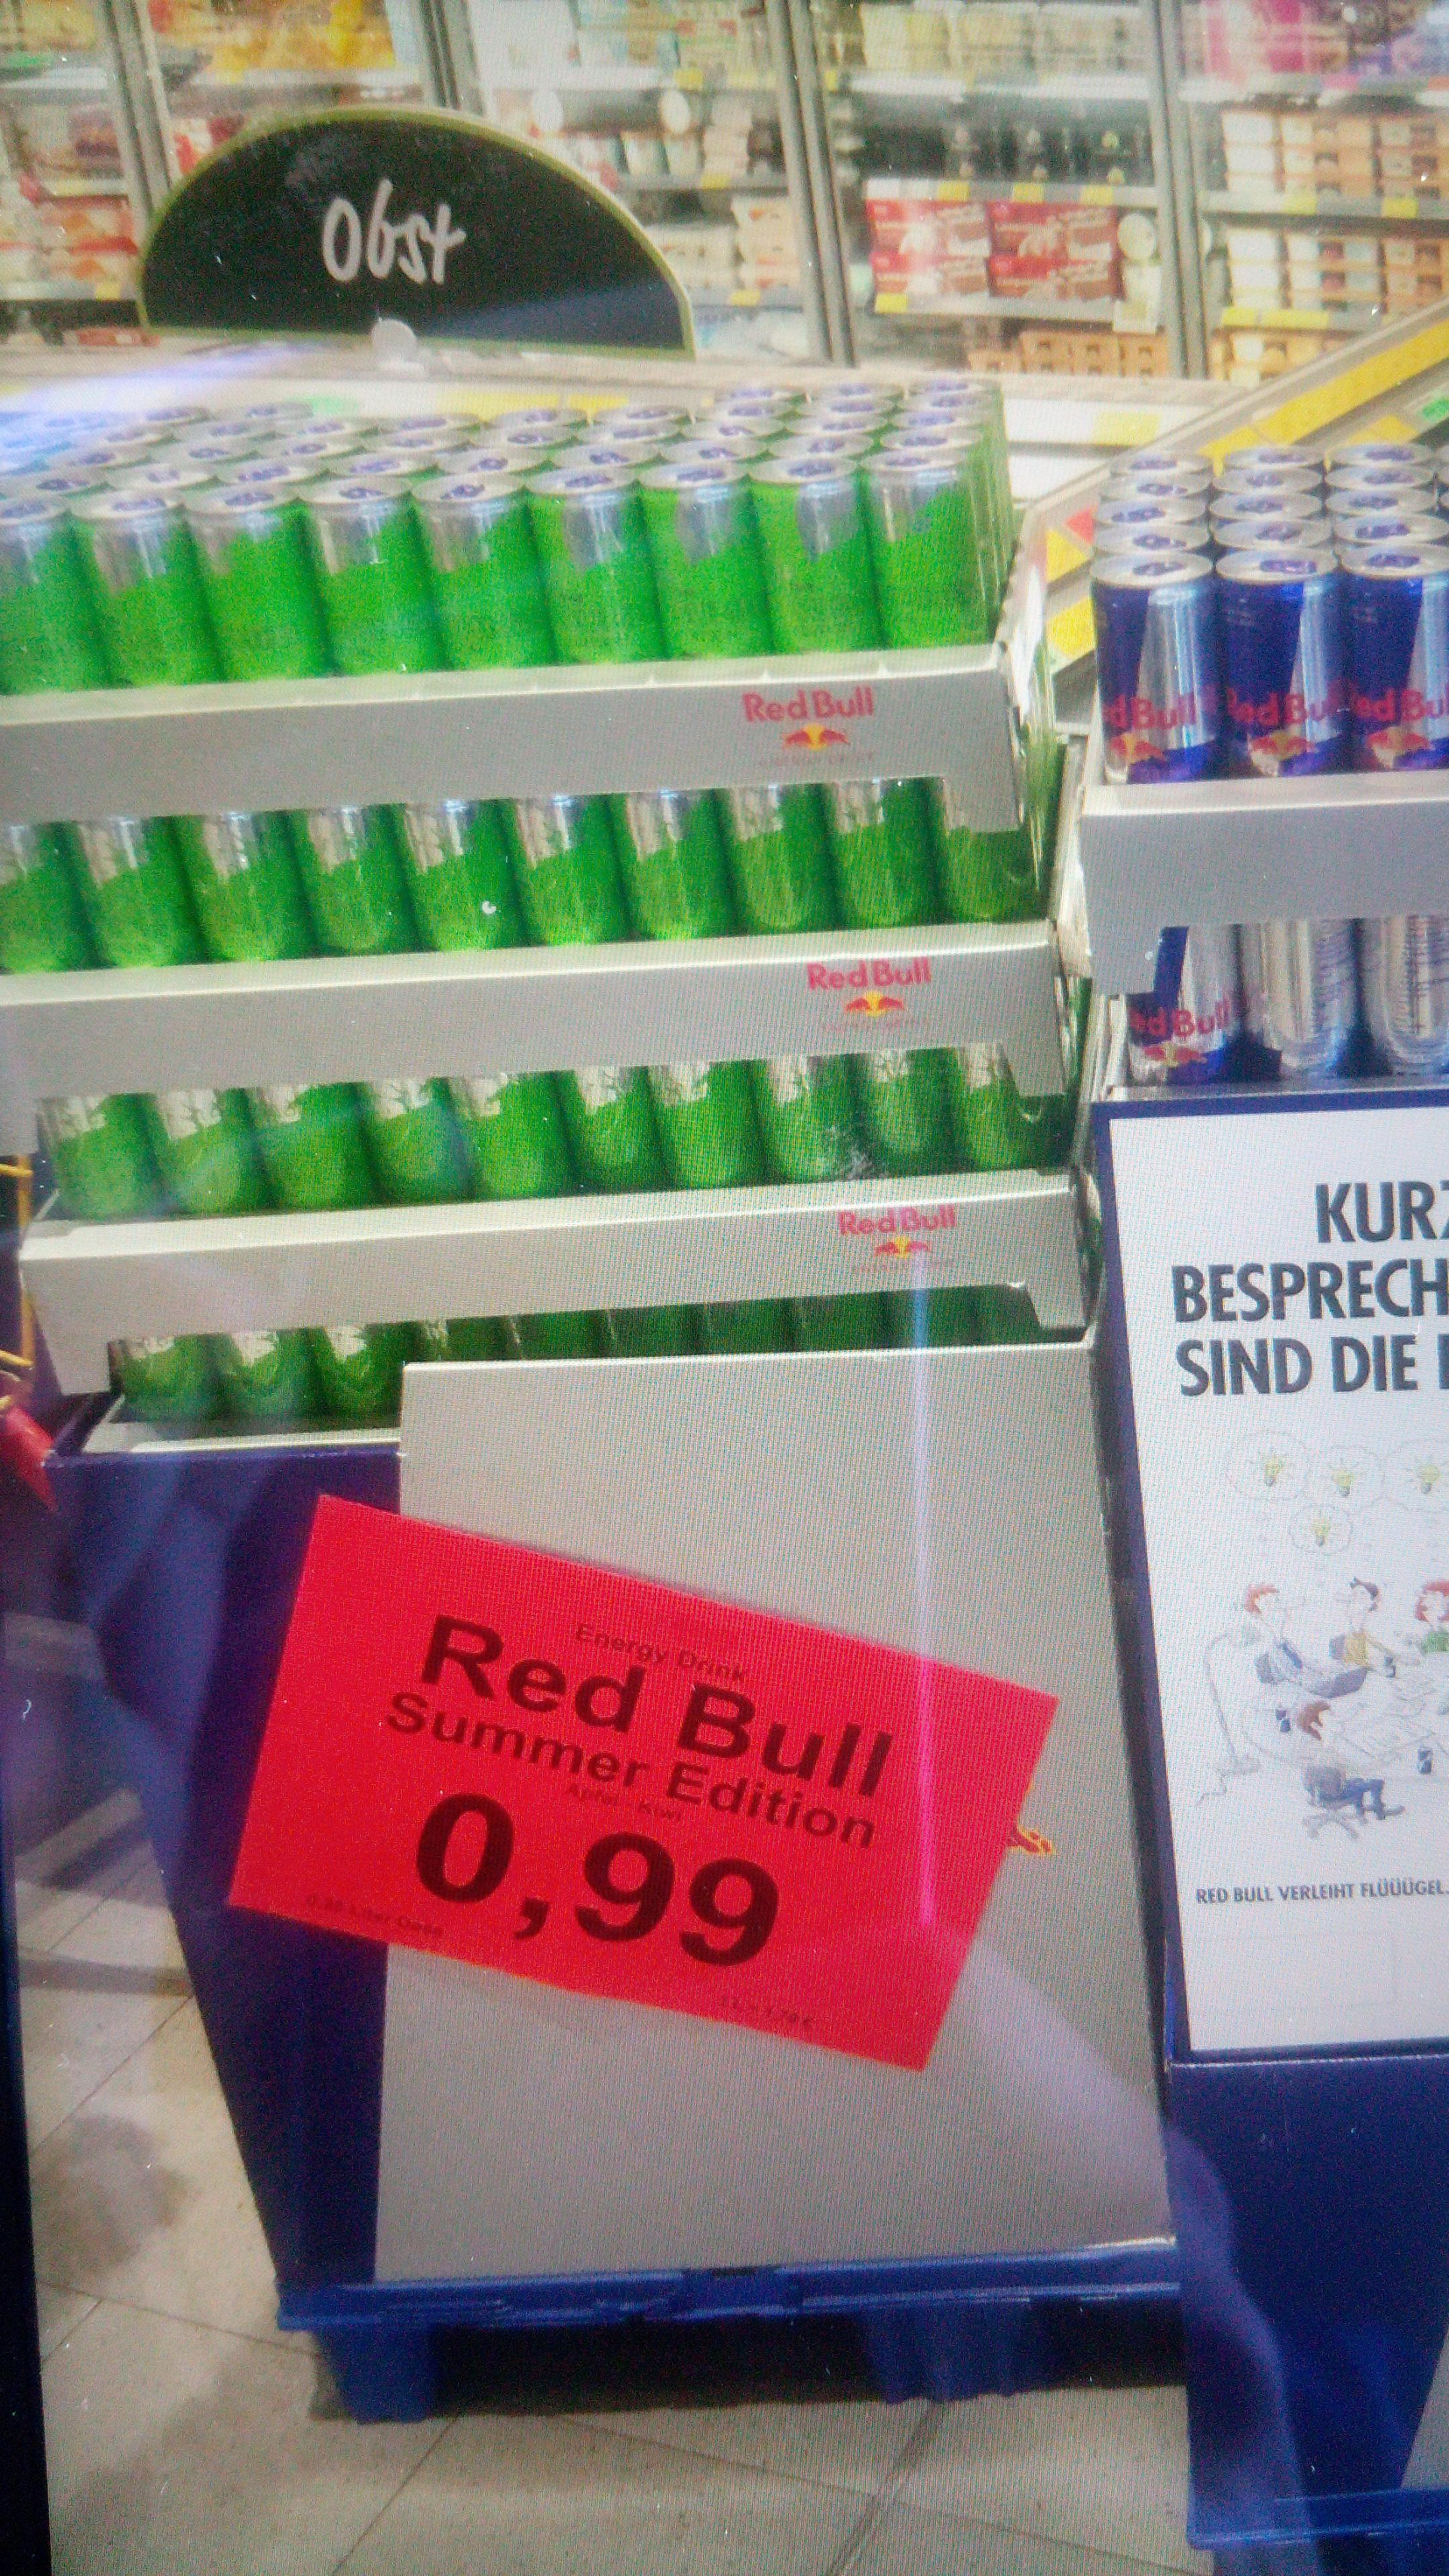 Dortmund Red Bull Green Edition im Rewe von Wantoch reduziert